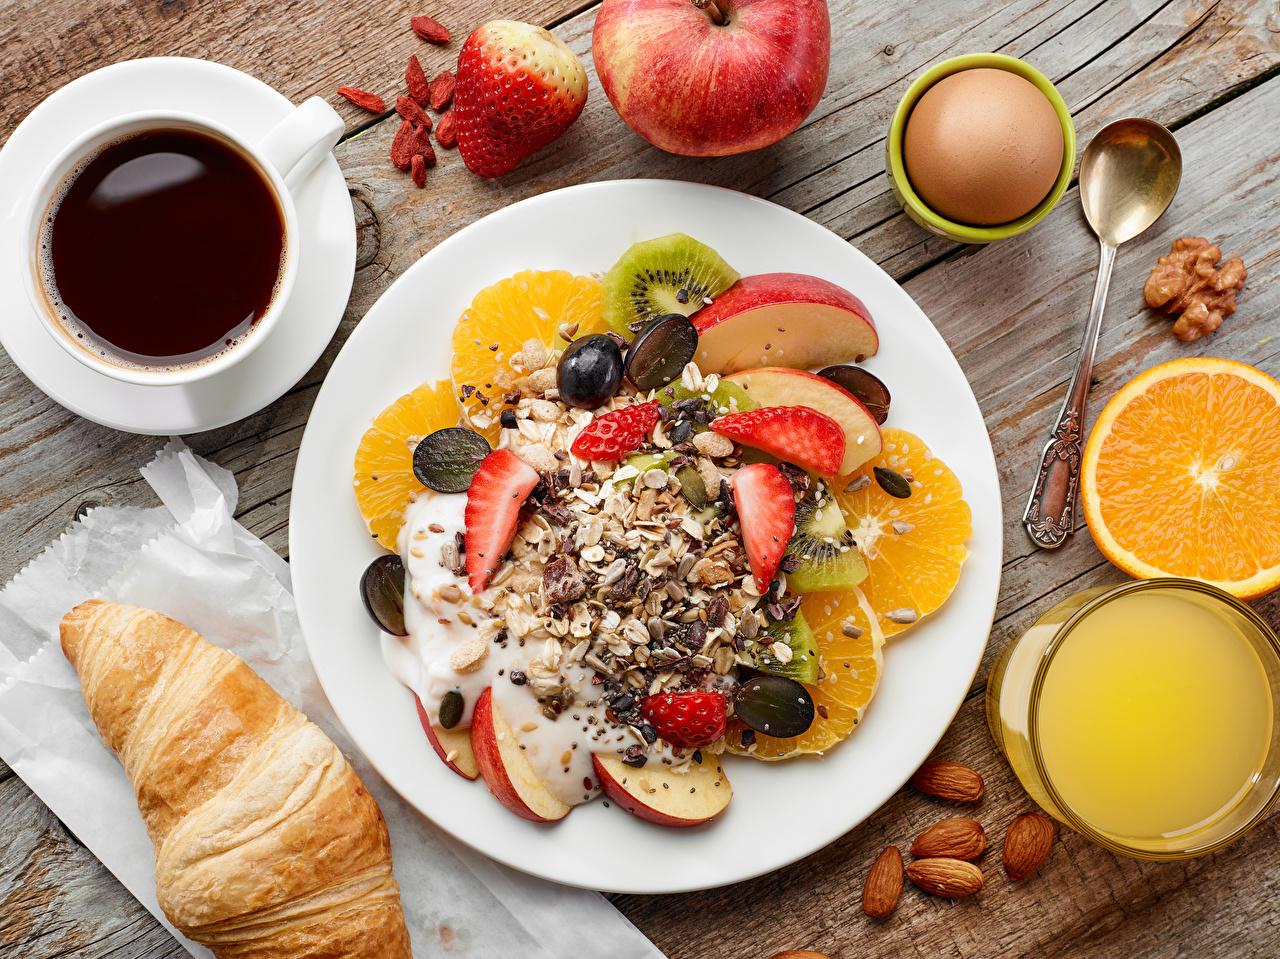 Картинки яиц Сок Кофе Завтрак Круассан Пища Мюсли чашке Фрукты тарелке Орехи Доски яйцо Яйца яйцами Еда Чашка Тарелка Продукты питания